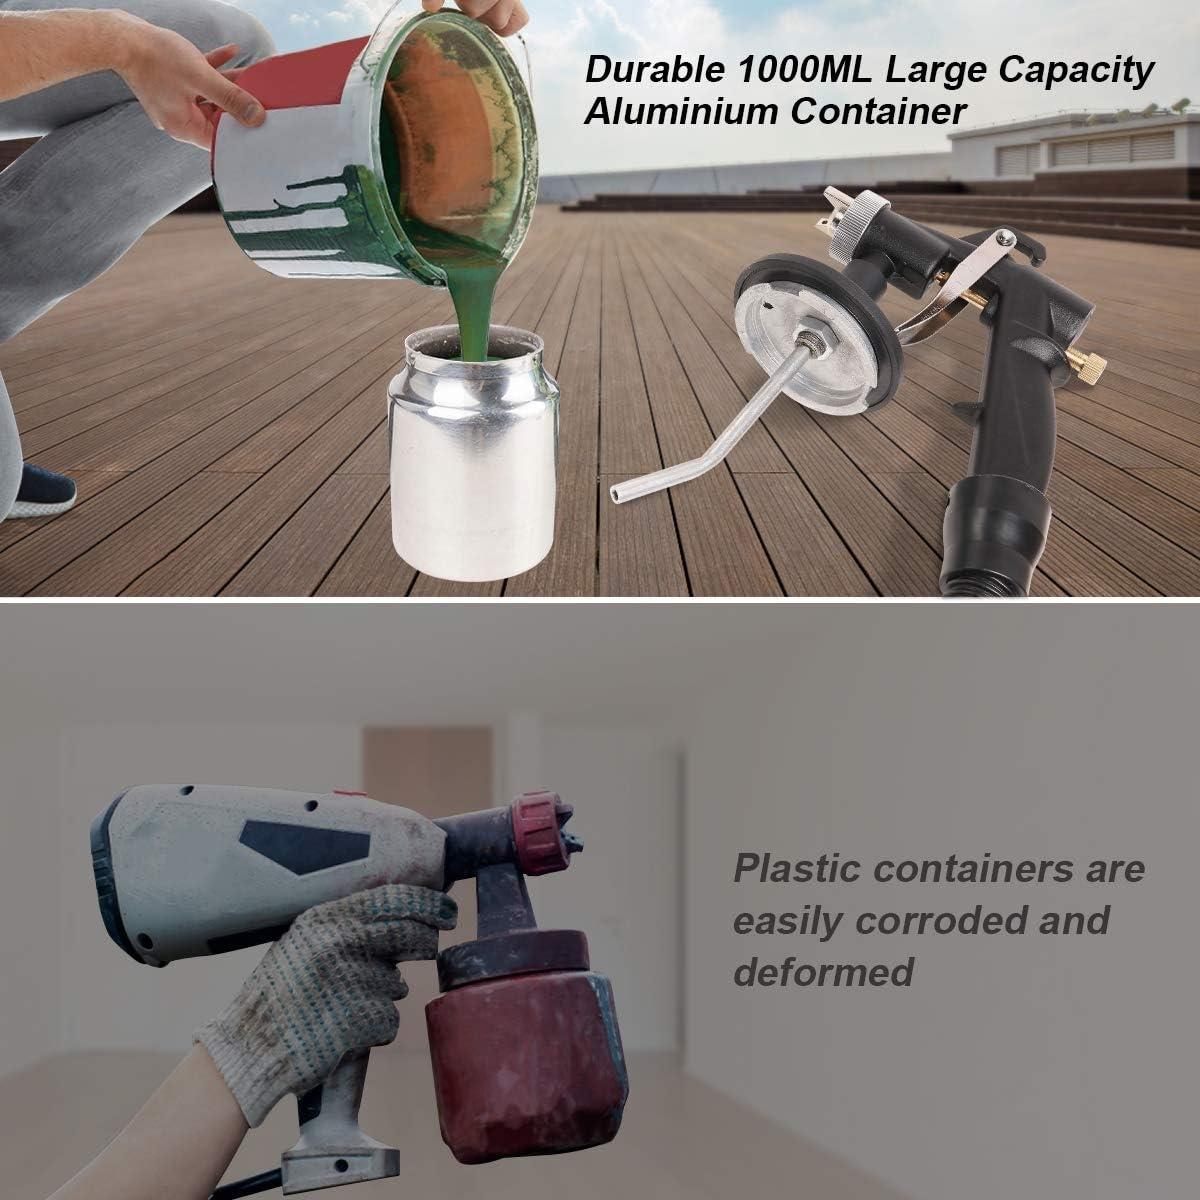 3 Patrones de Rociado Control de Flujo para el Interior y Exterior SG650 Boquilla de Cobre de 1 mm Huepar Pistola de Pulverizaci/ón El/éctrica 650W con Recipiente de Metal 1000ml Pistola de Pintura